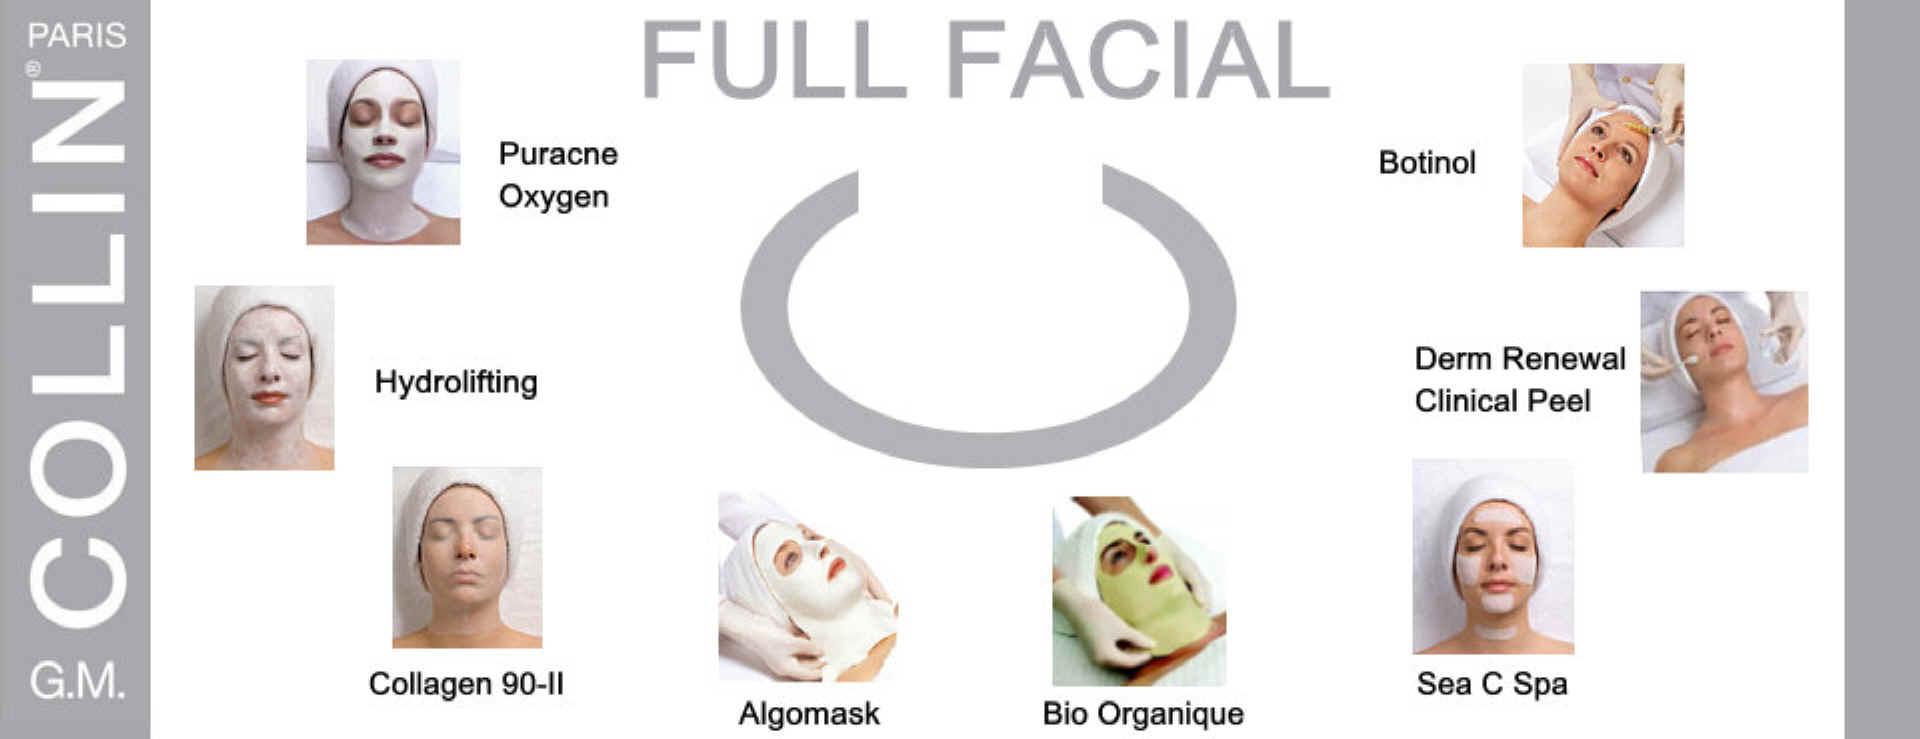 full-facial_1